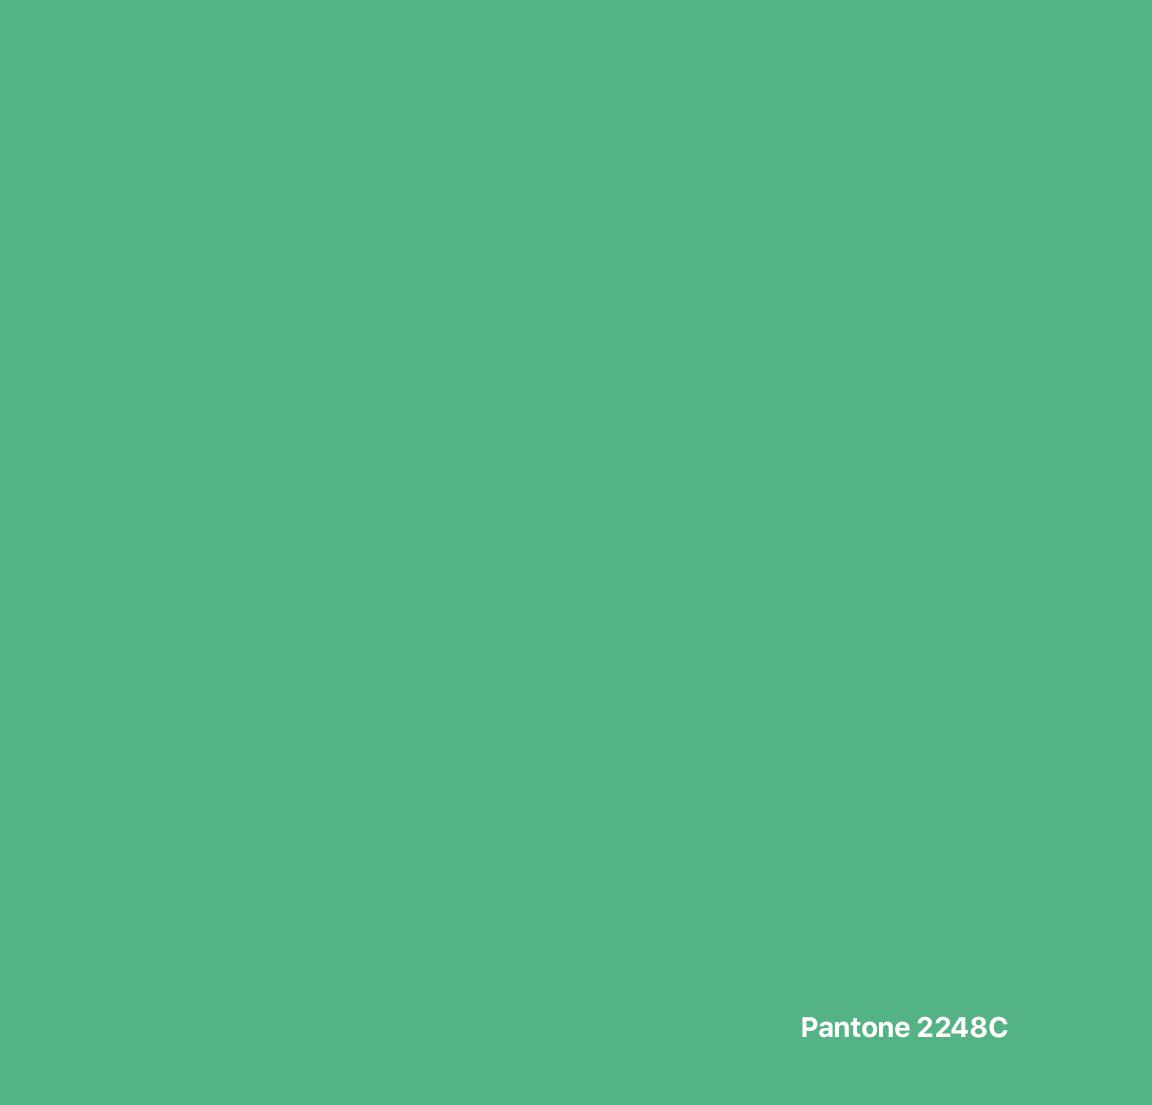 GG-Univers-Couleur-VertClair